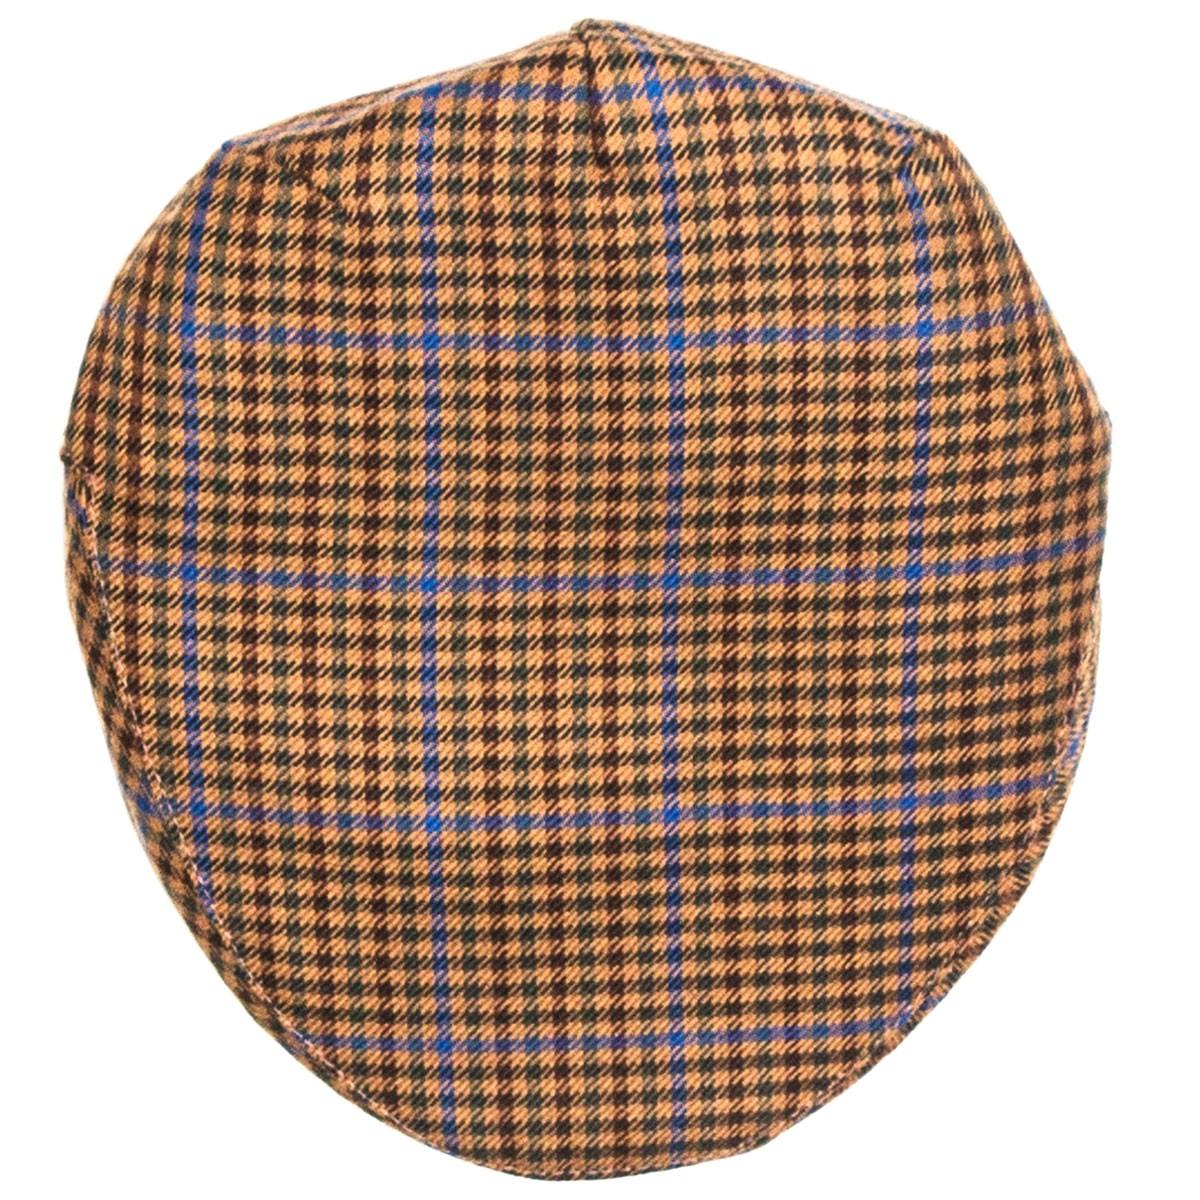 Kyle Check Tweed Barnton Flat Cap